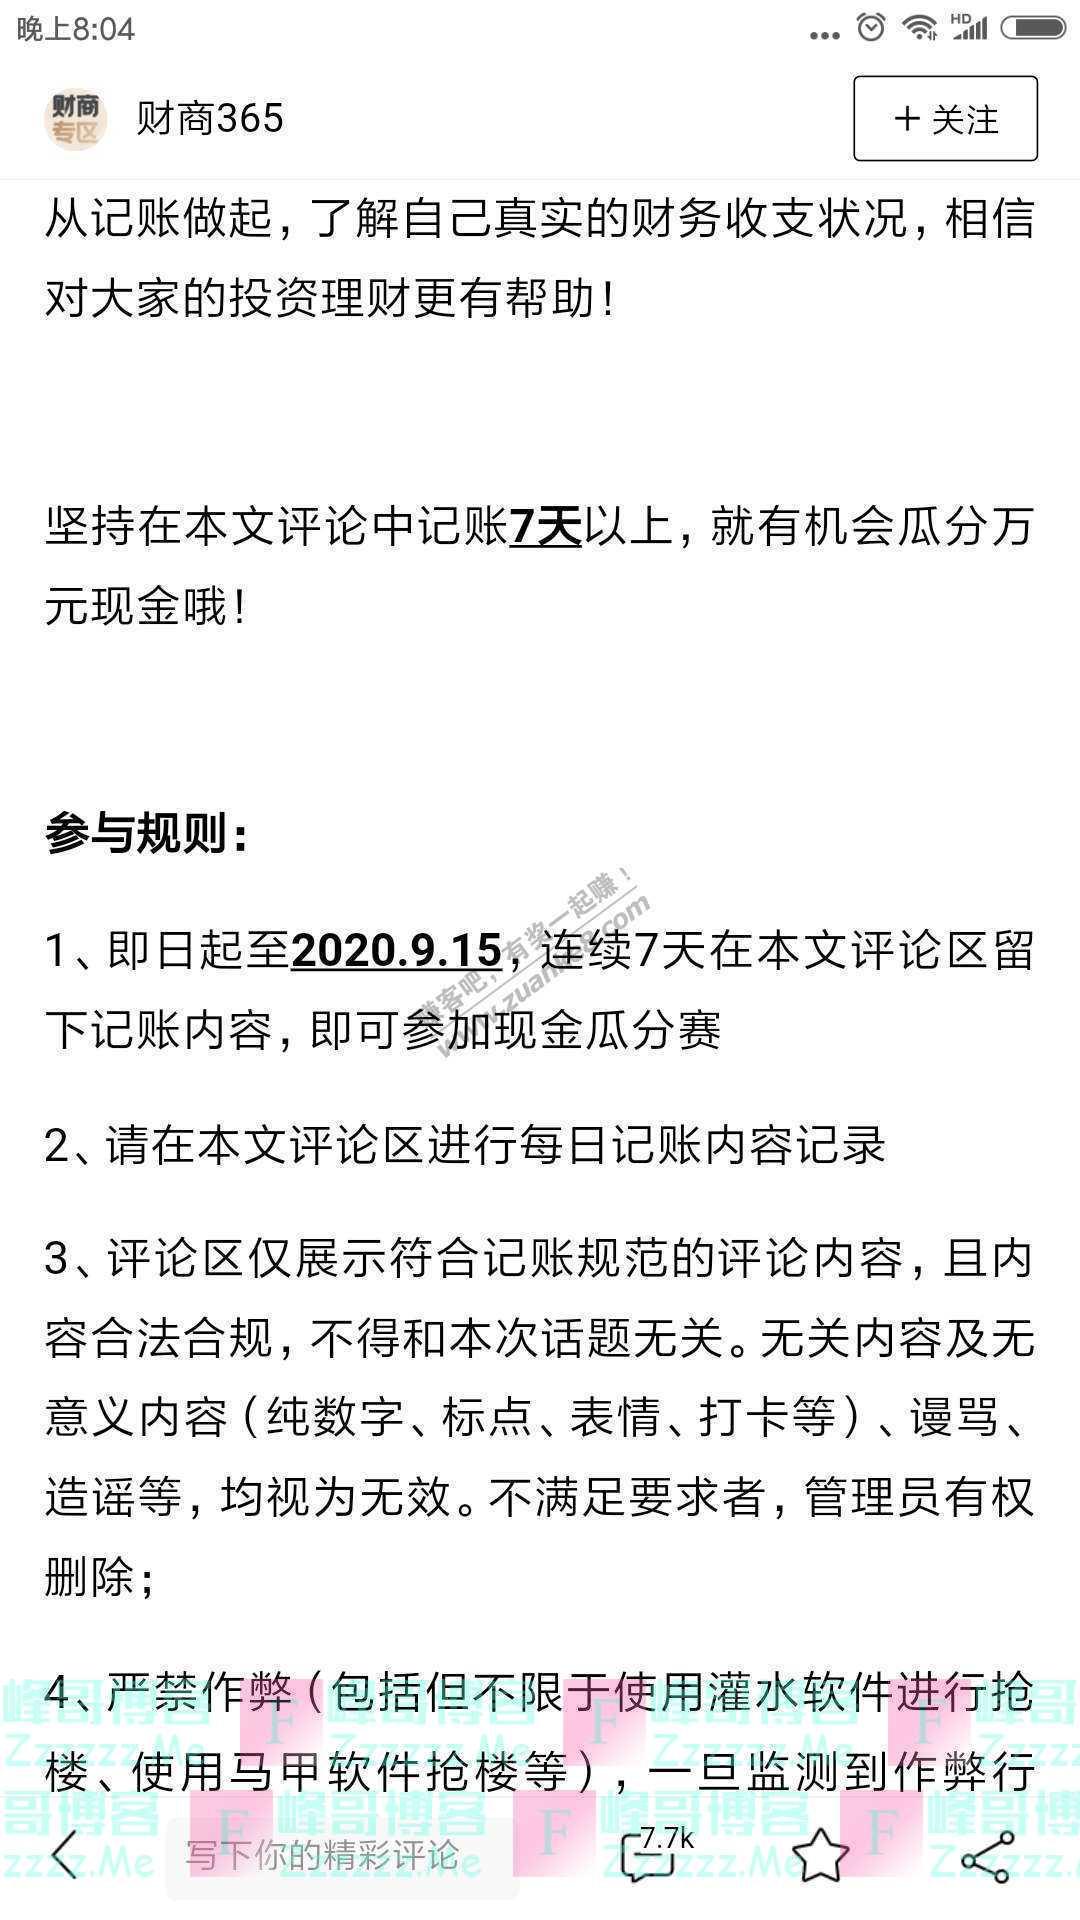 招商银行app记账打卡分现金(截止9月15日)